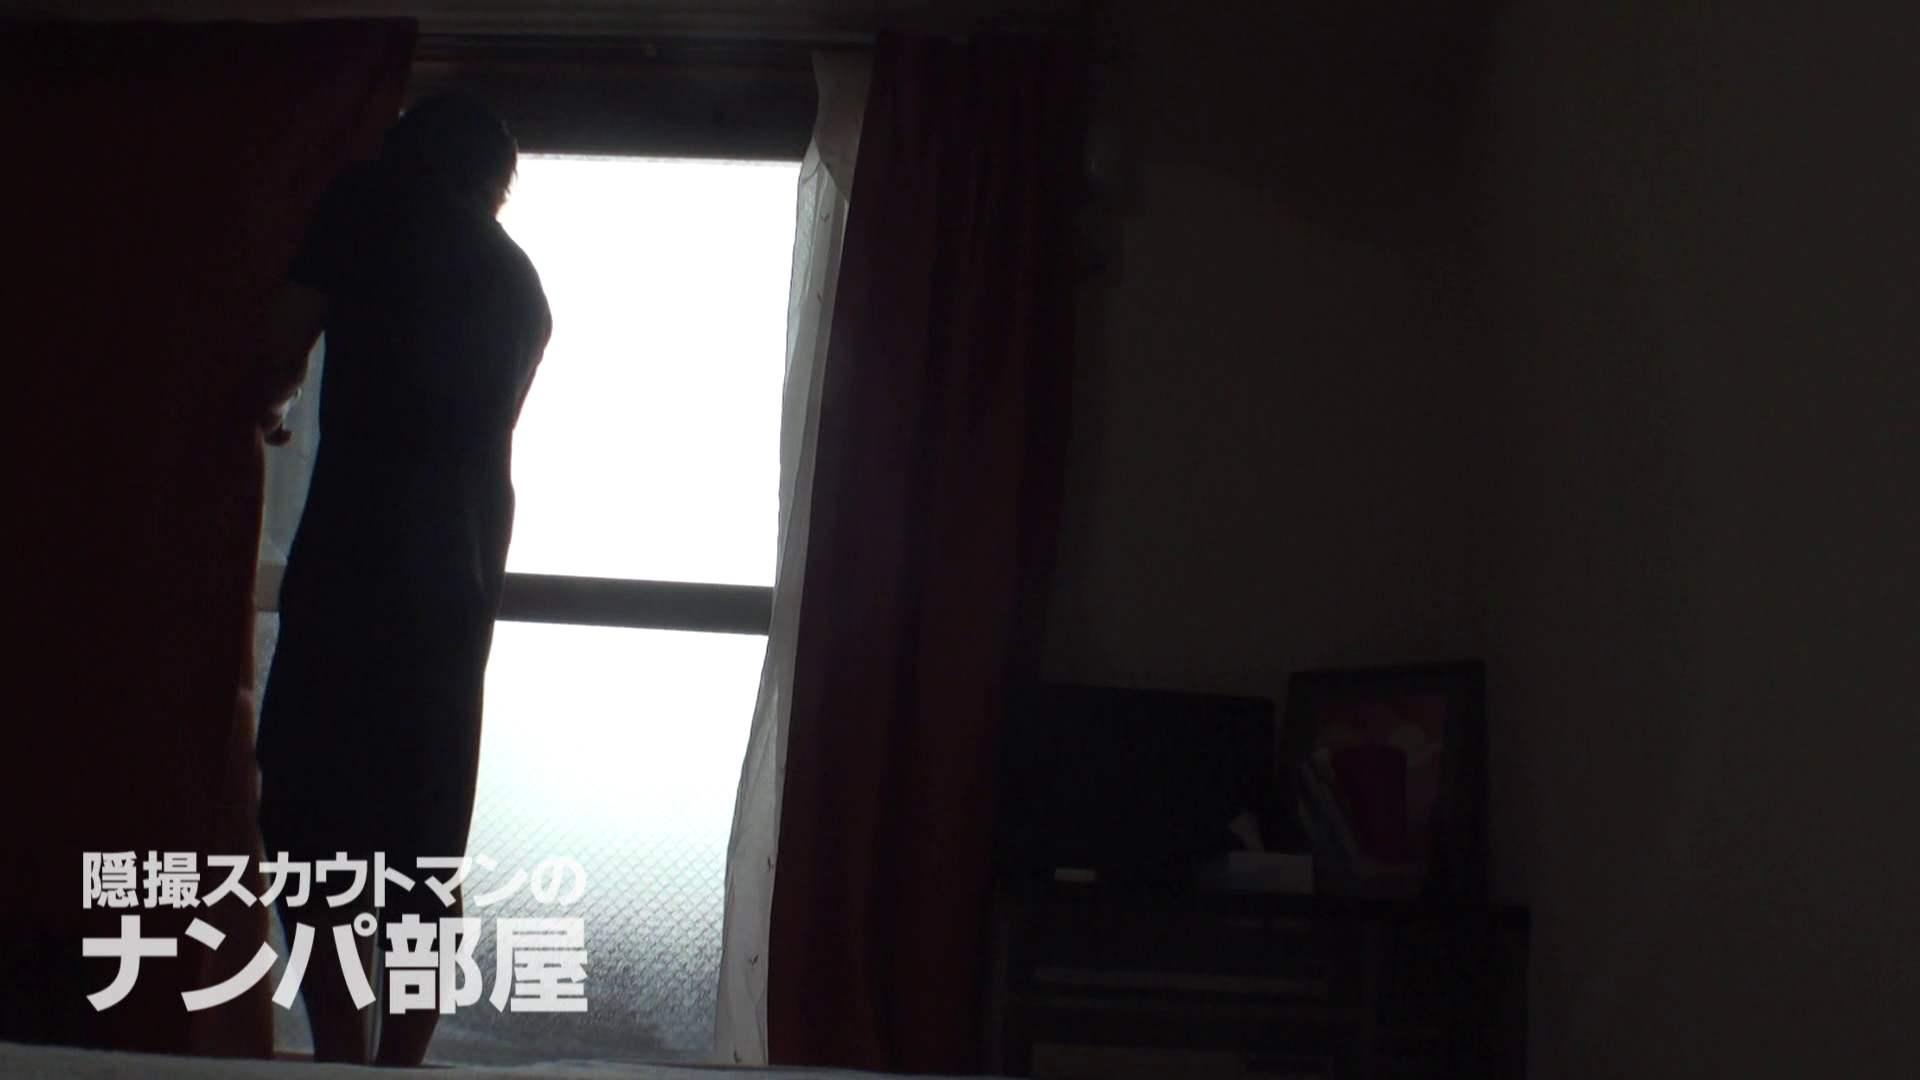 隠撮スカウトマンのナンパ部屋~風俗デビュー前のつまみ食い~ siivol.2 OL裸体 | ナンパ  58画像 28